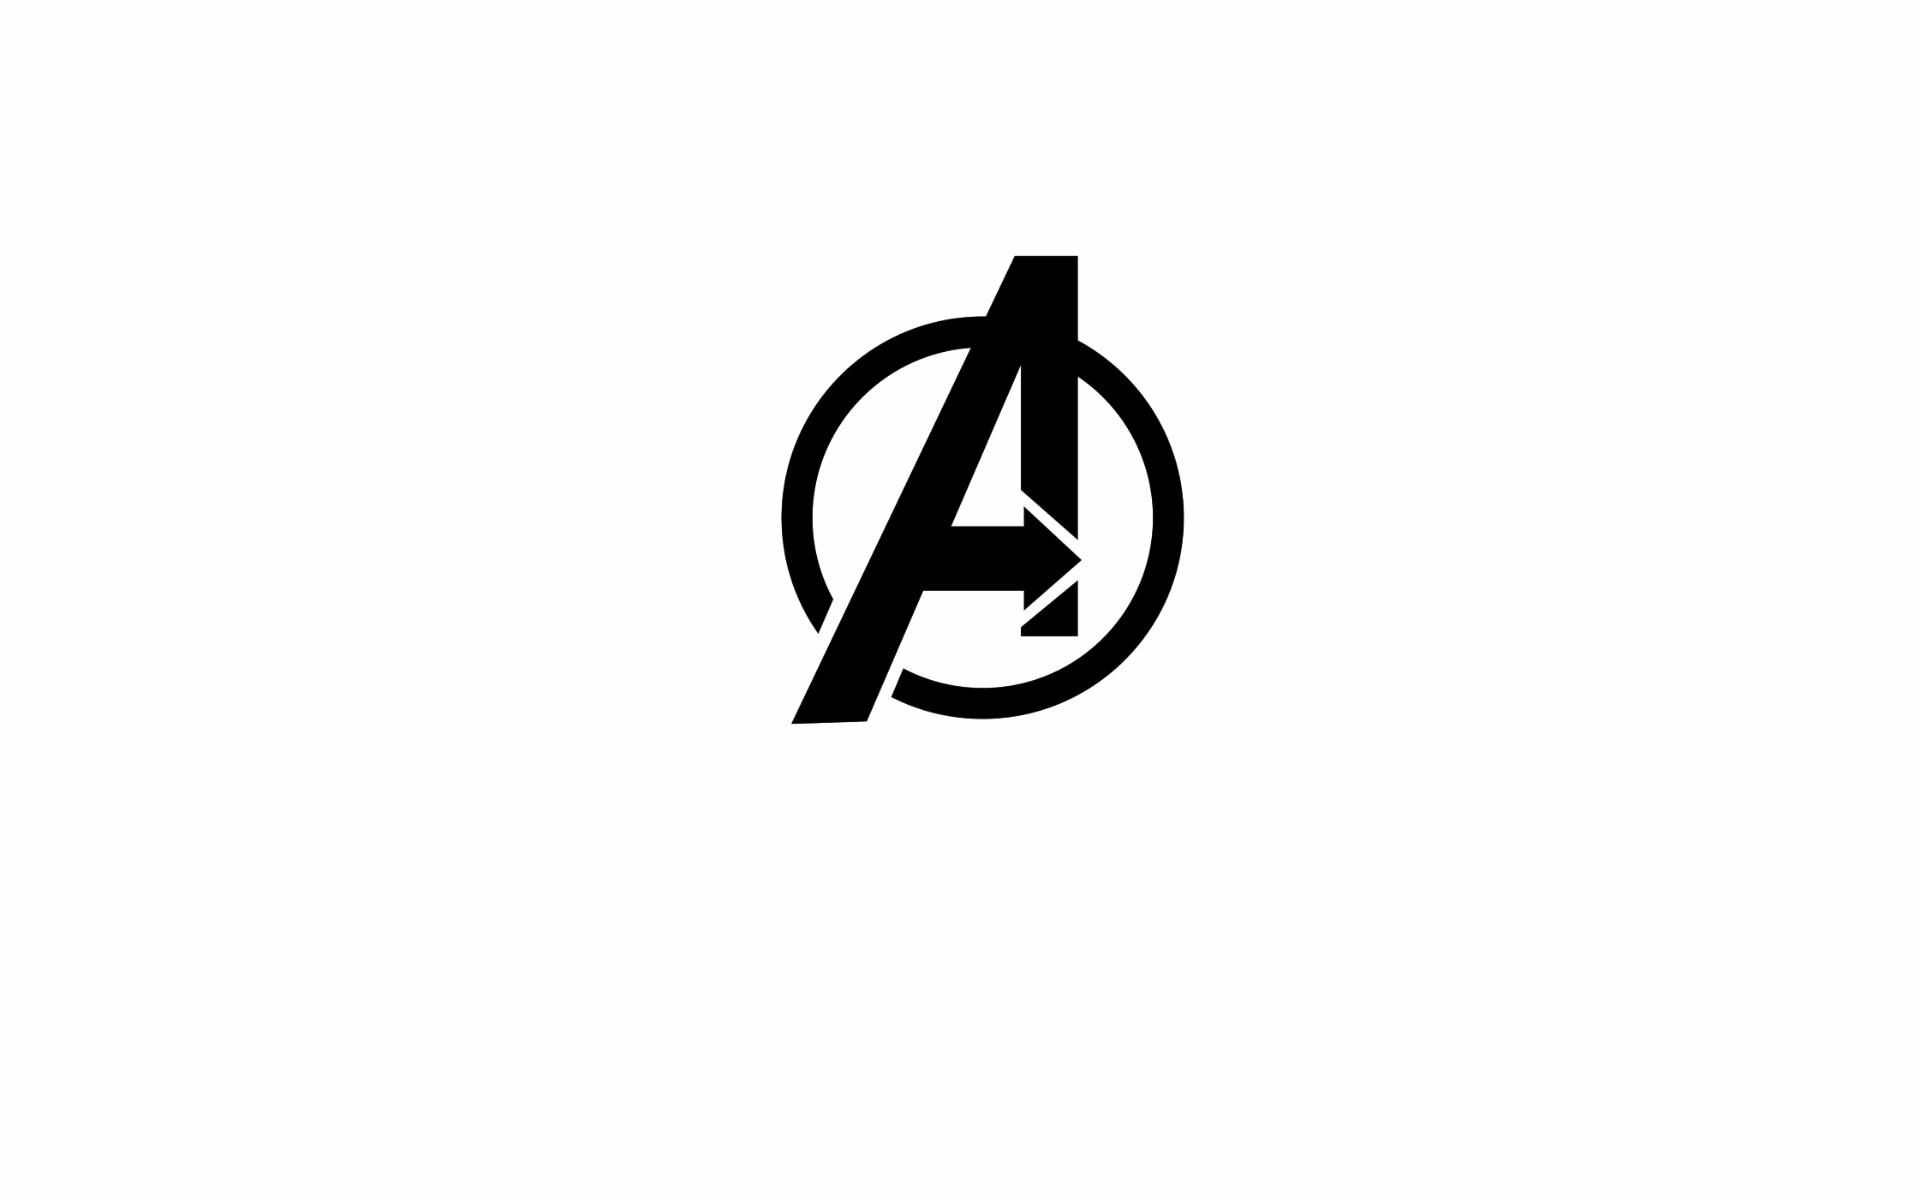 Res: 1920x1200, Avengers Logo Image On Wallpaper Hd 1920 x 1200 px 692.31 KB strip ironman  assemble comic